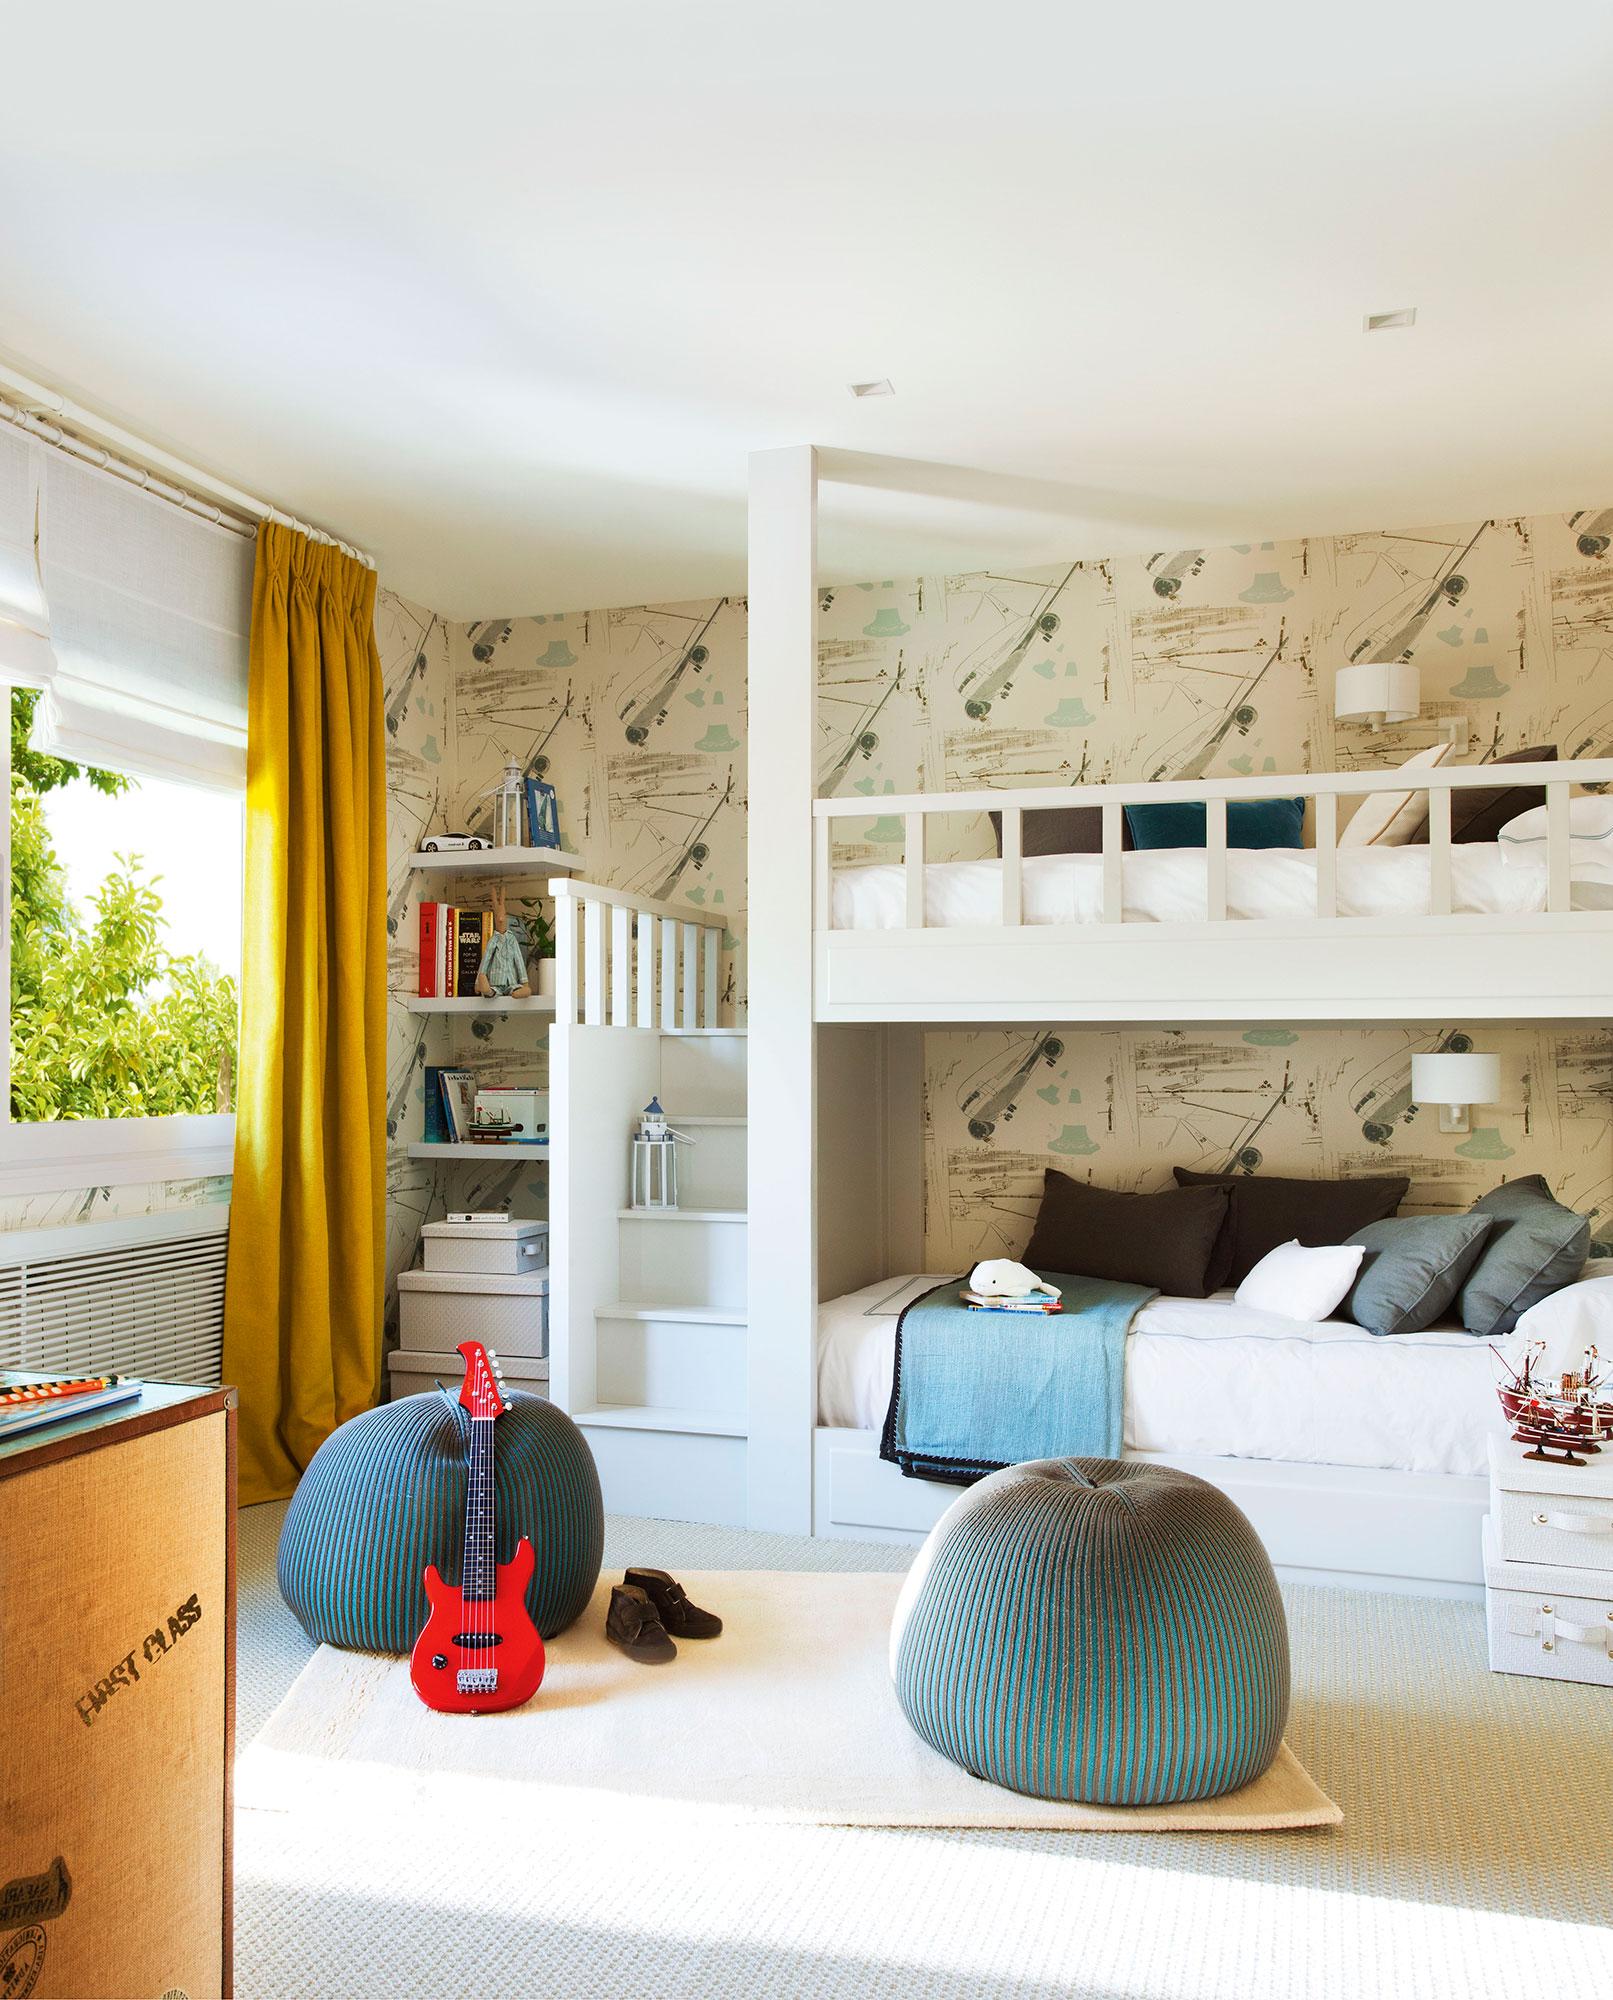 Claves para decorar la habitaci n de los ni os de beb a - Papel pintado para dormitorio juvenil ...